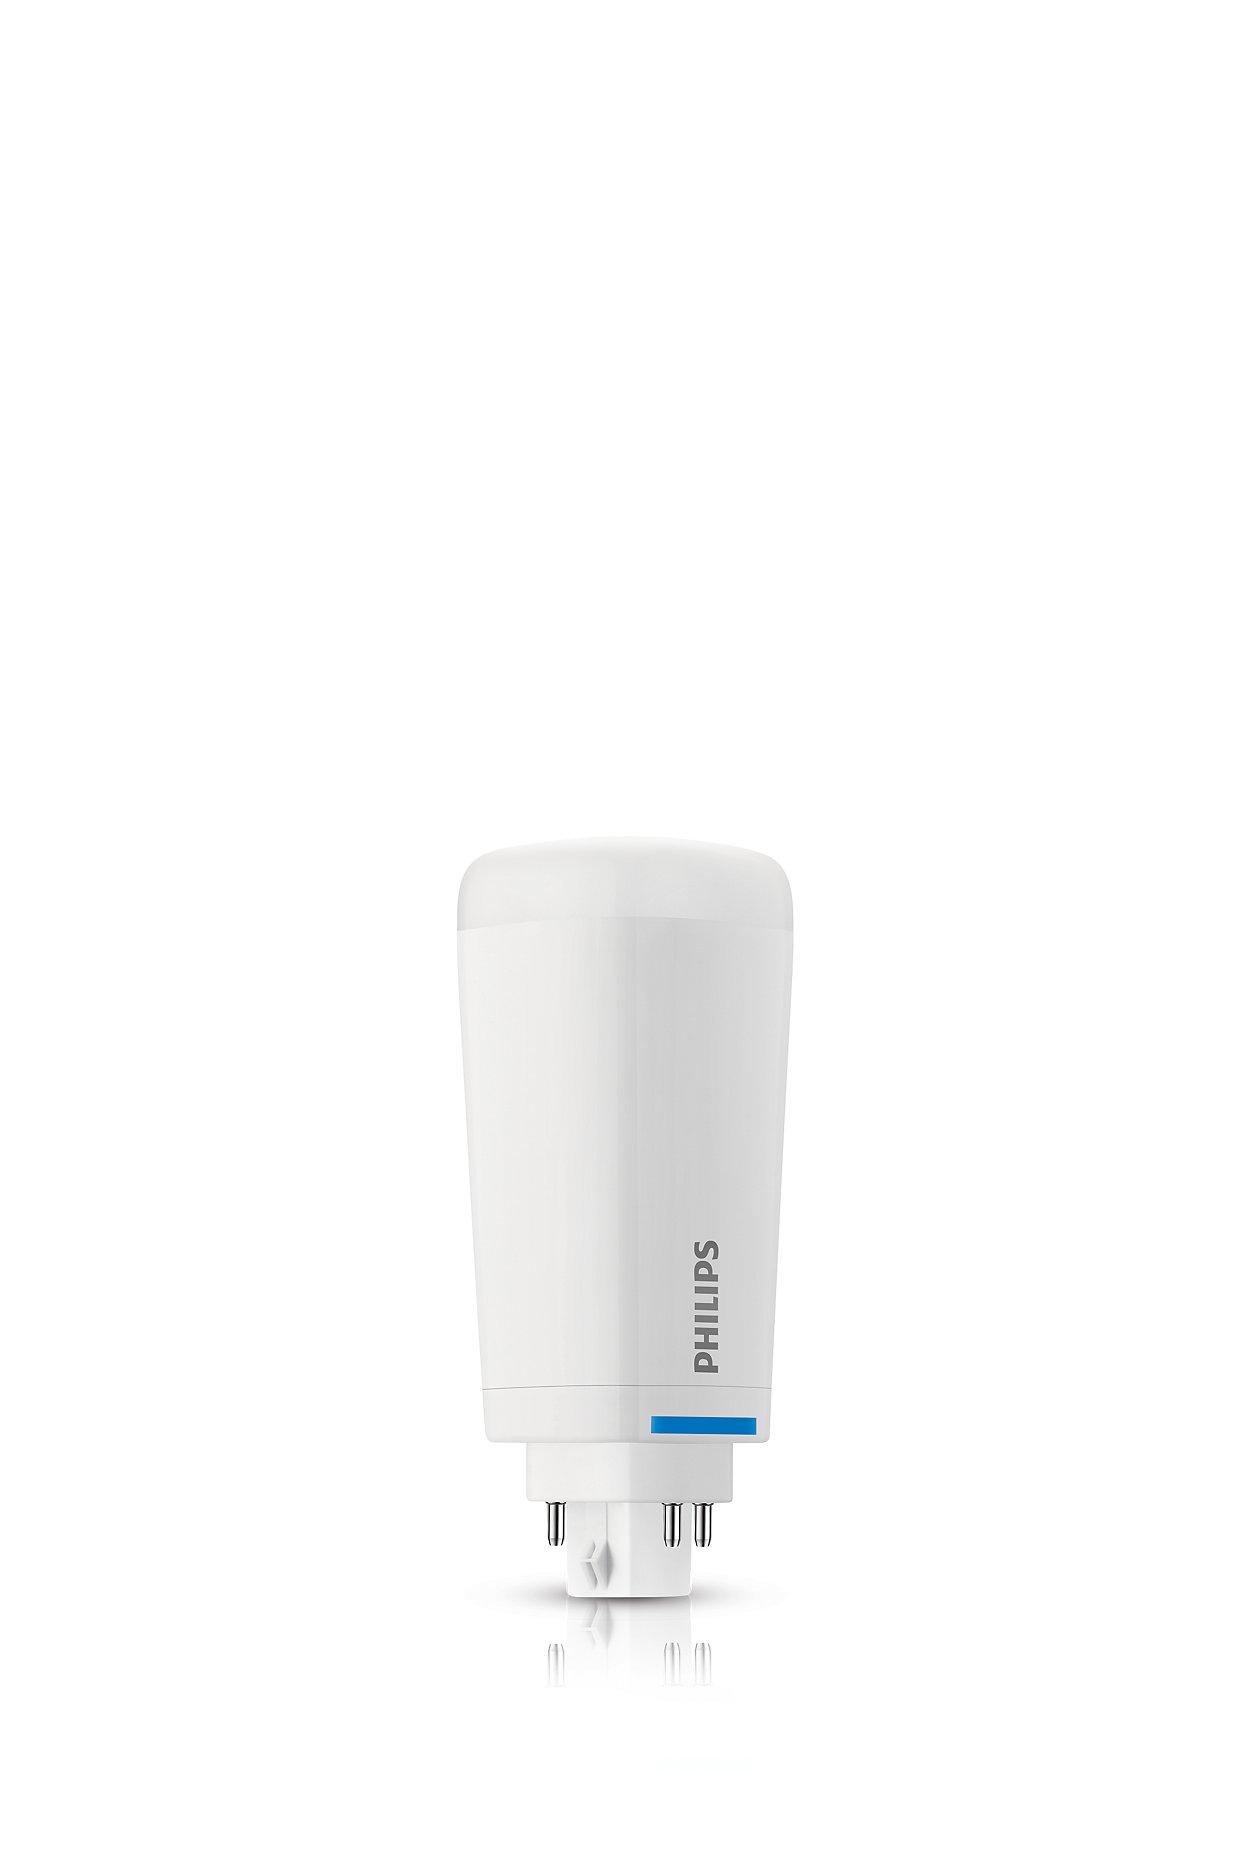 Éclairage à DEL durable offrant une lumière d'excellente qualité